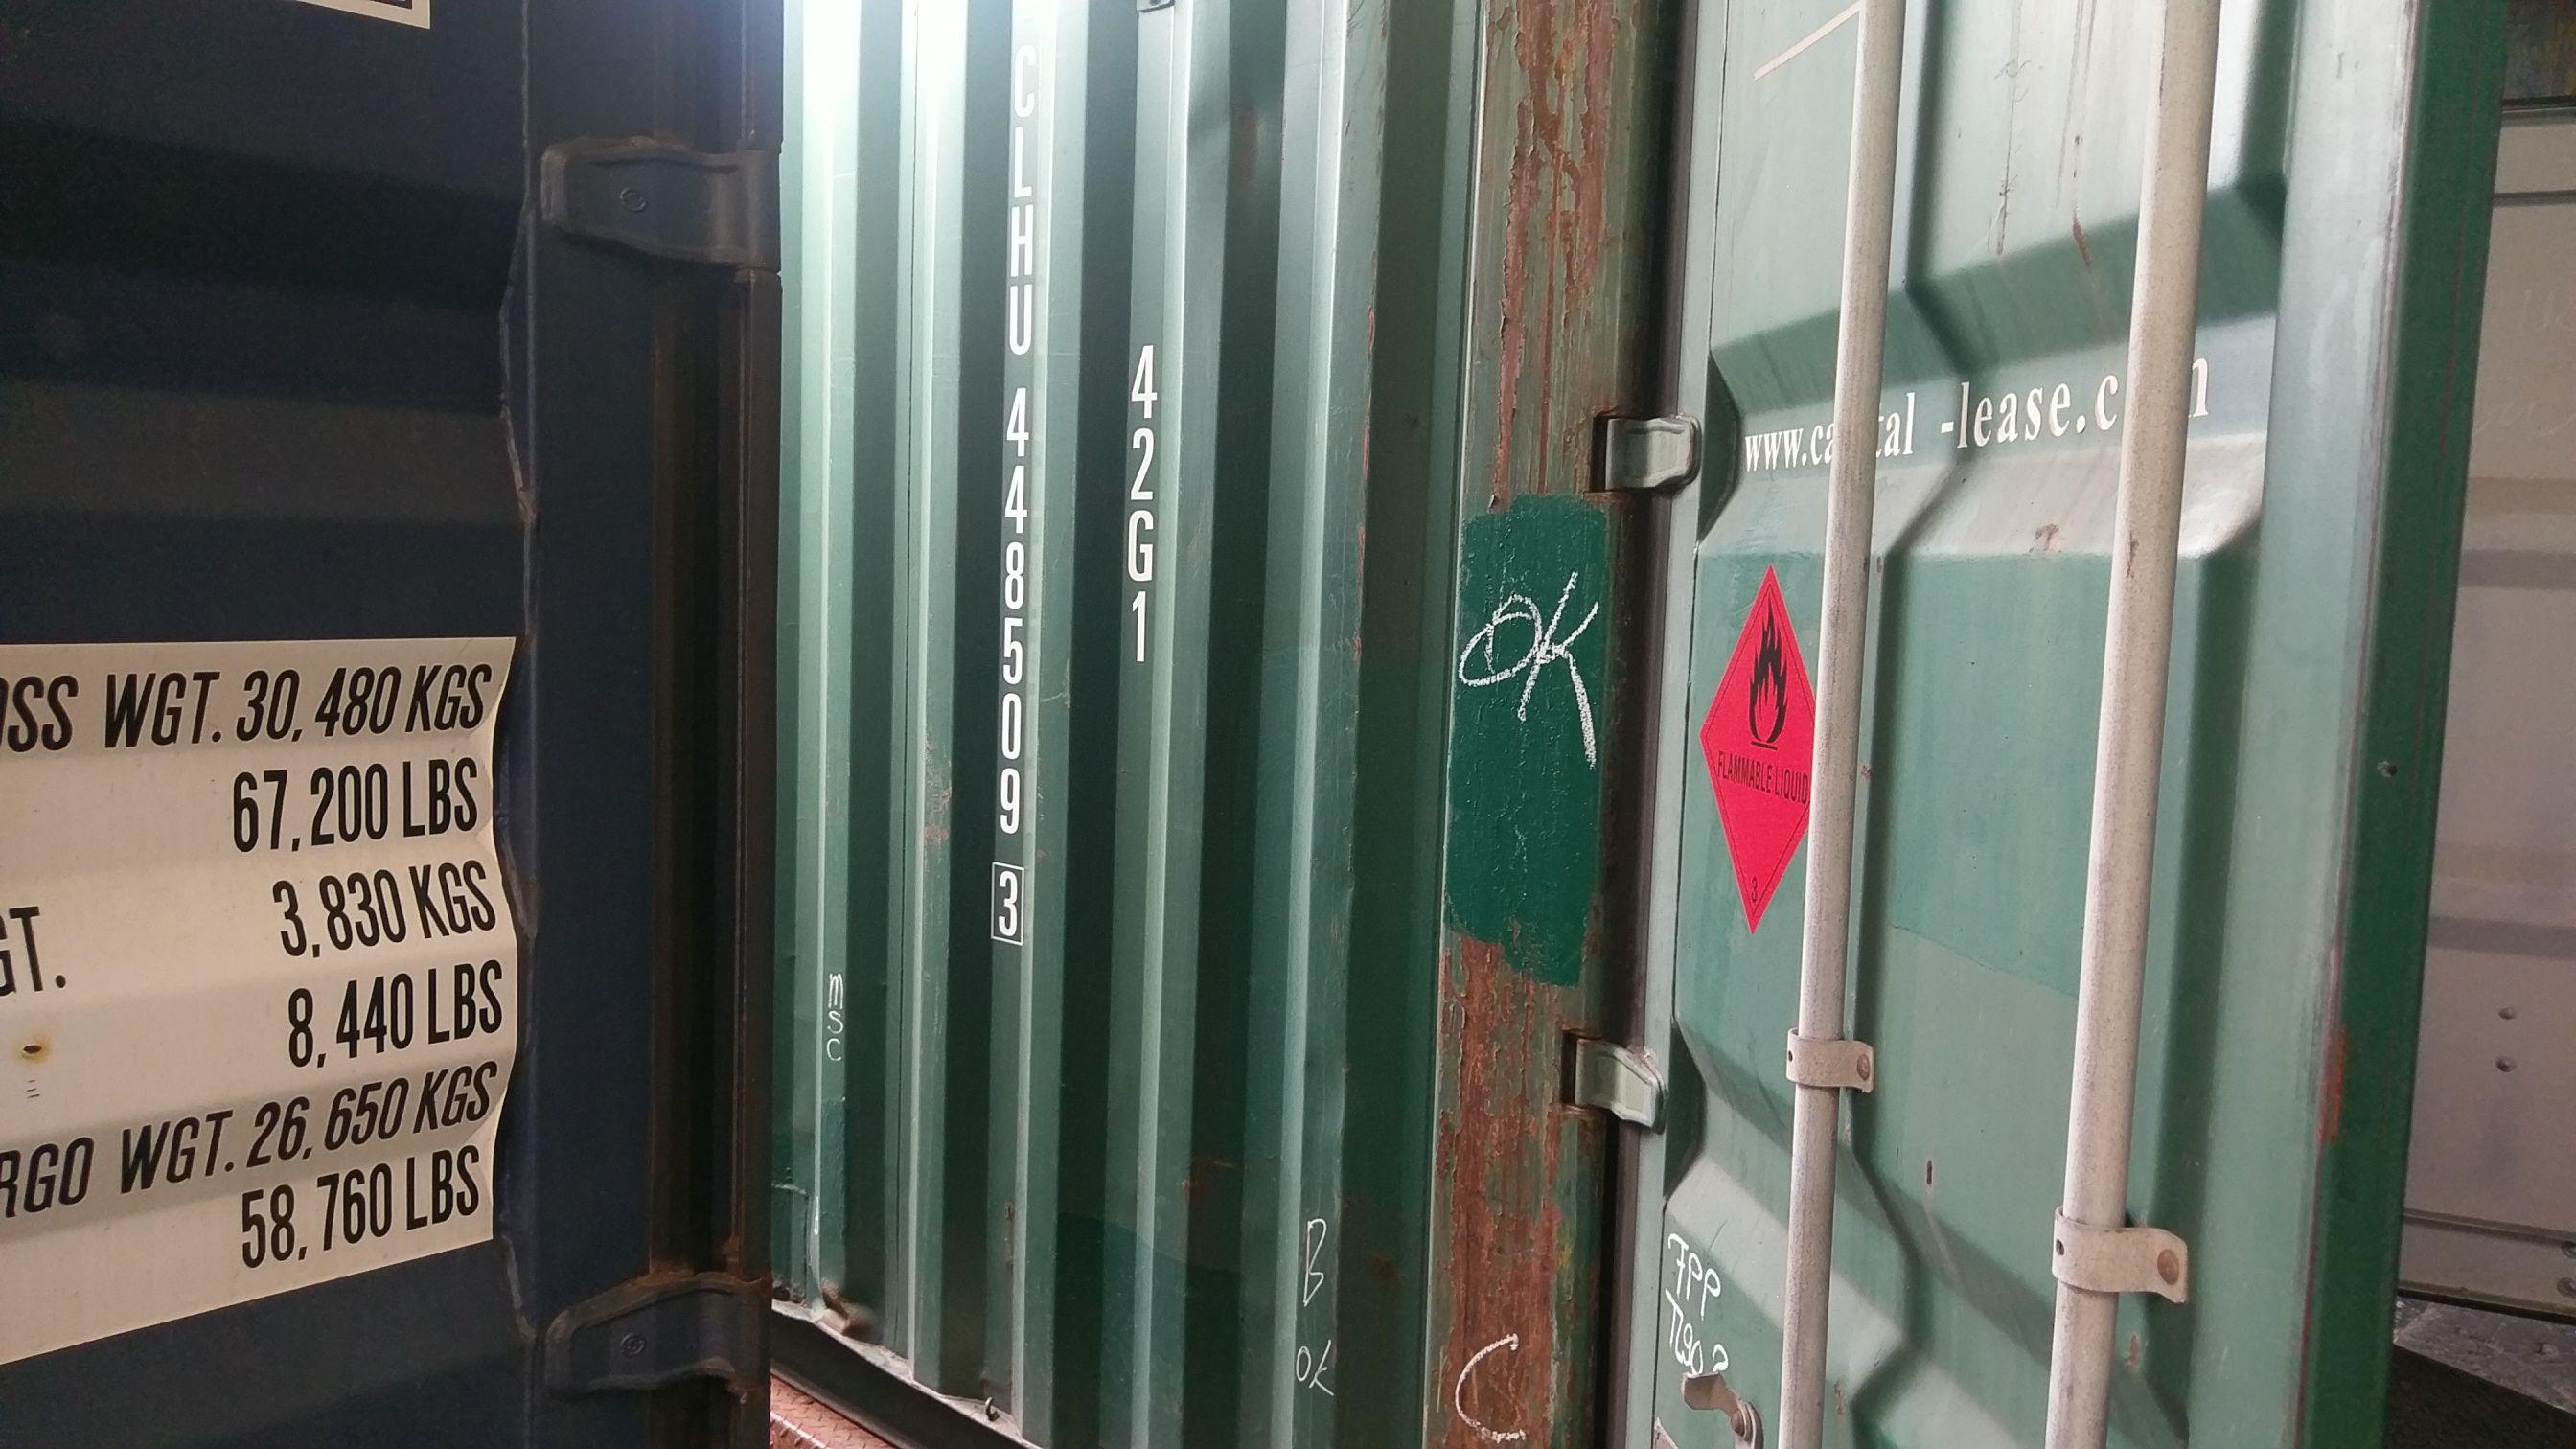 Gefahrgutcontainer in grün